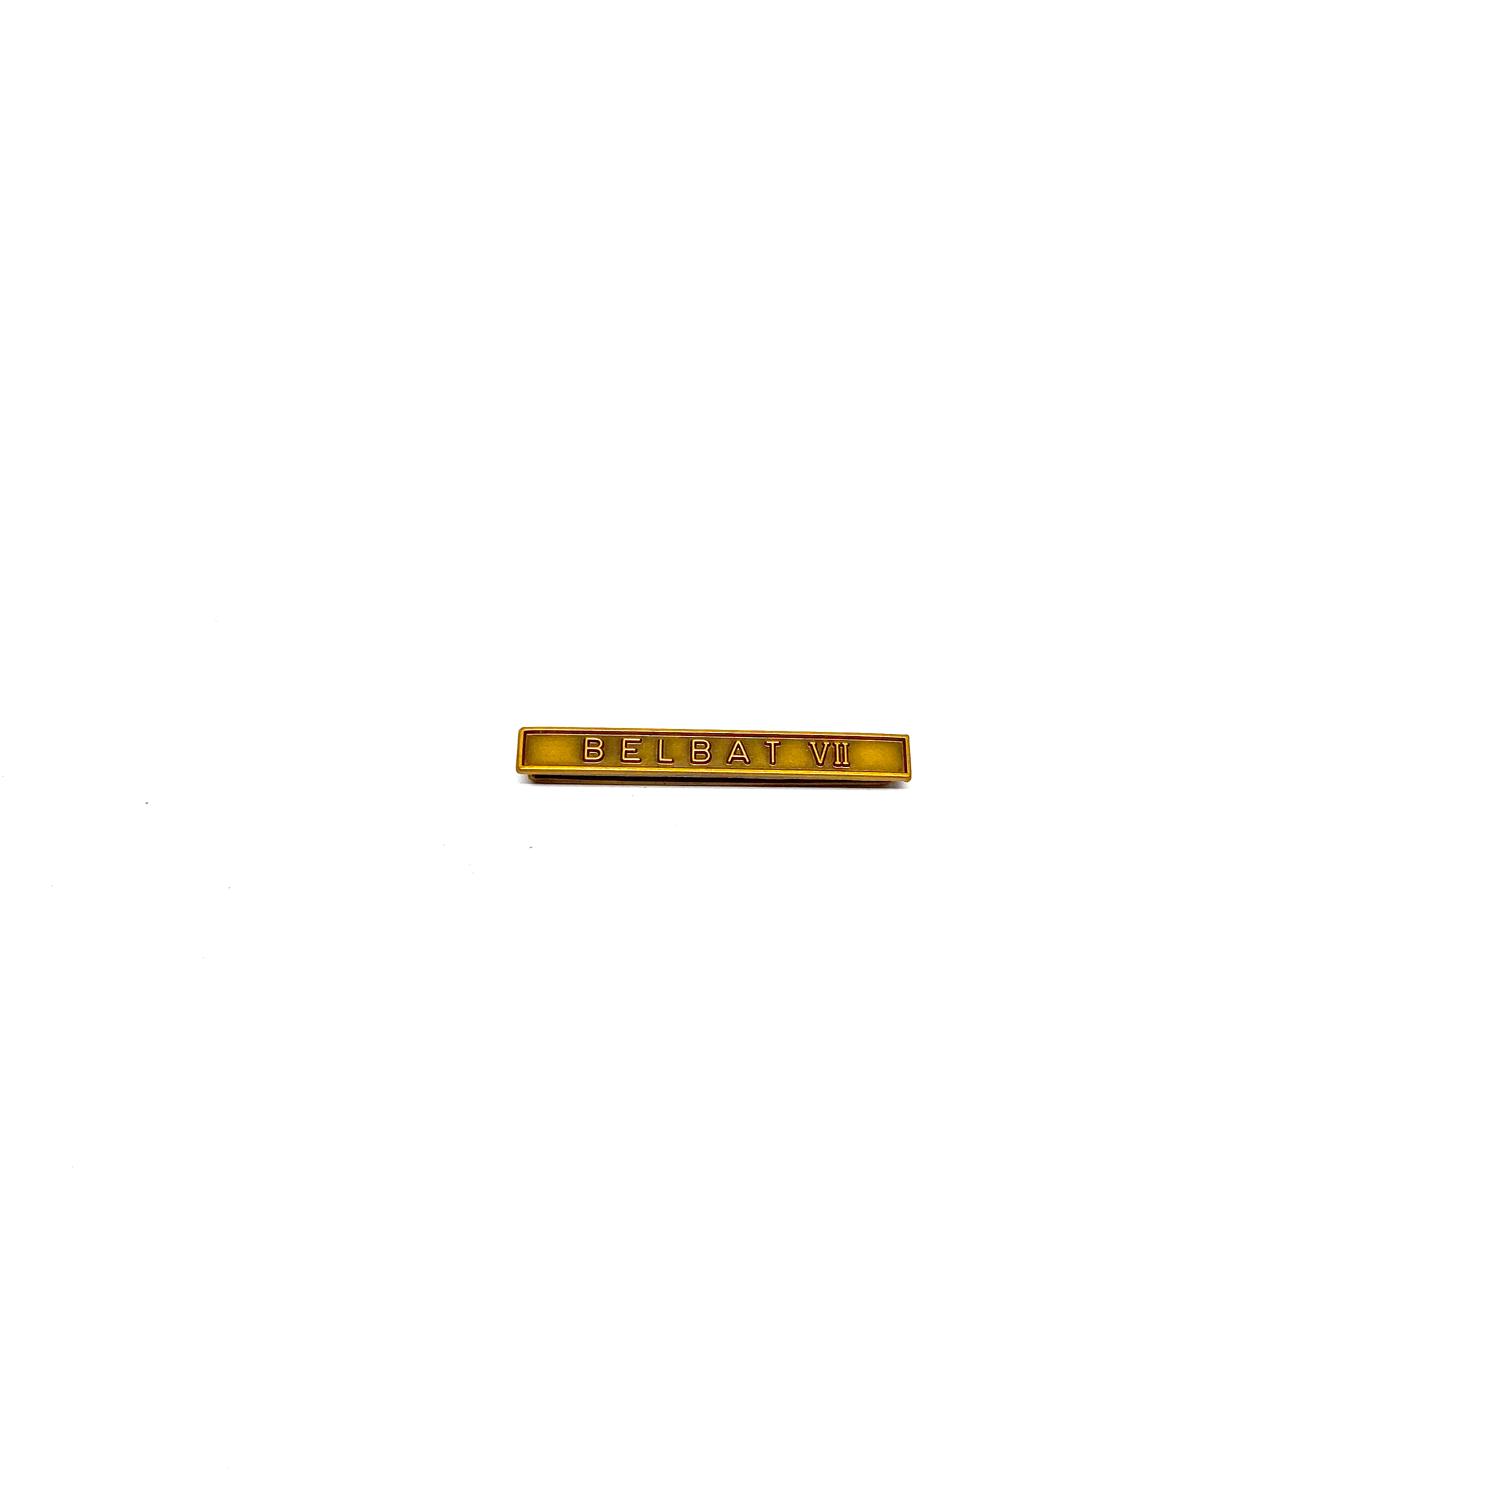 Barrette Belbat VII pour décorations militaires